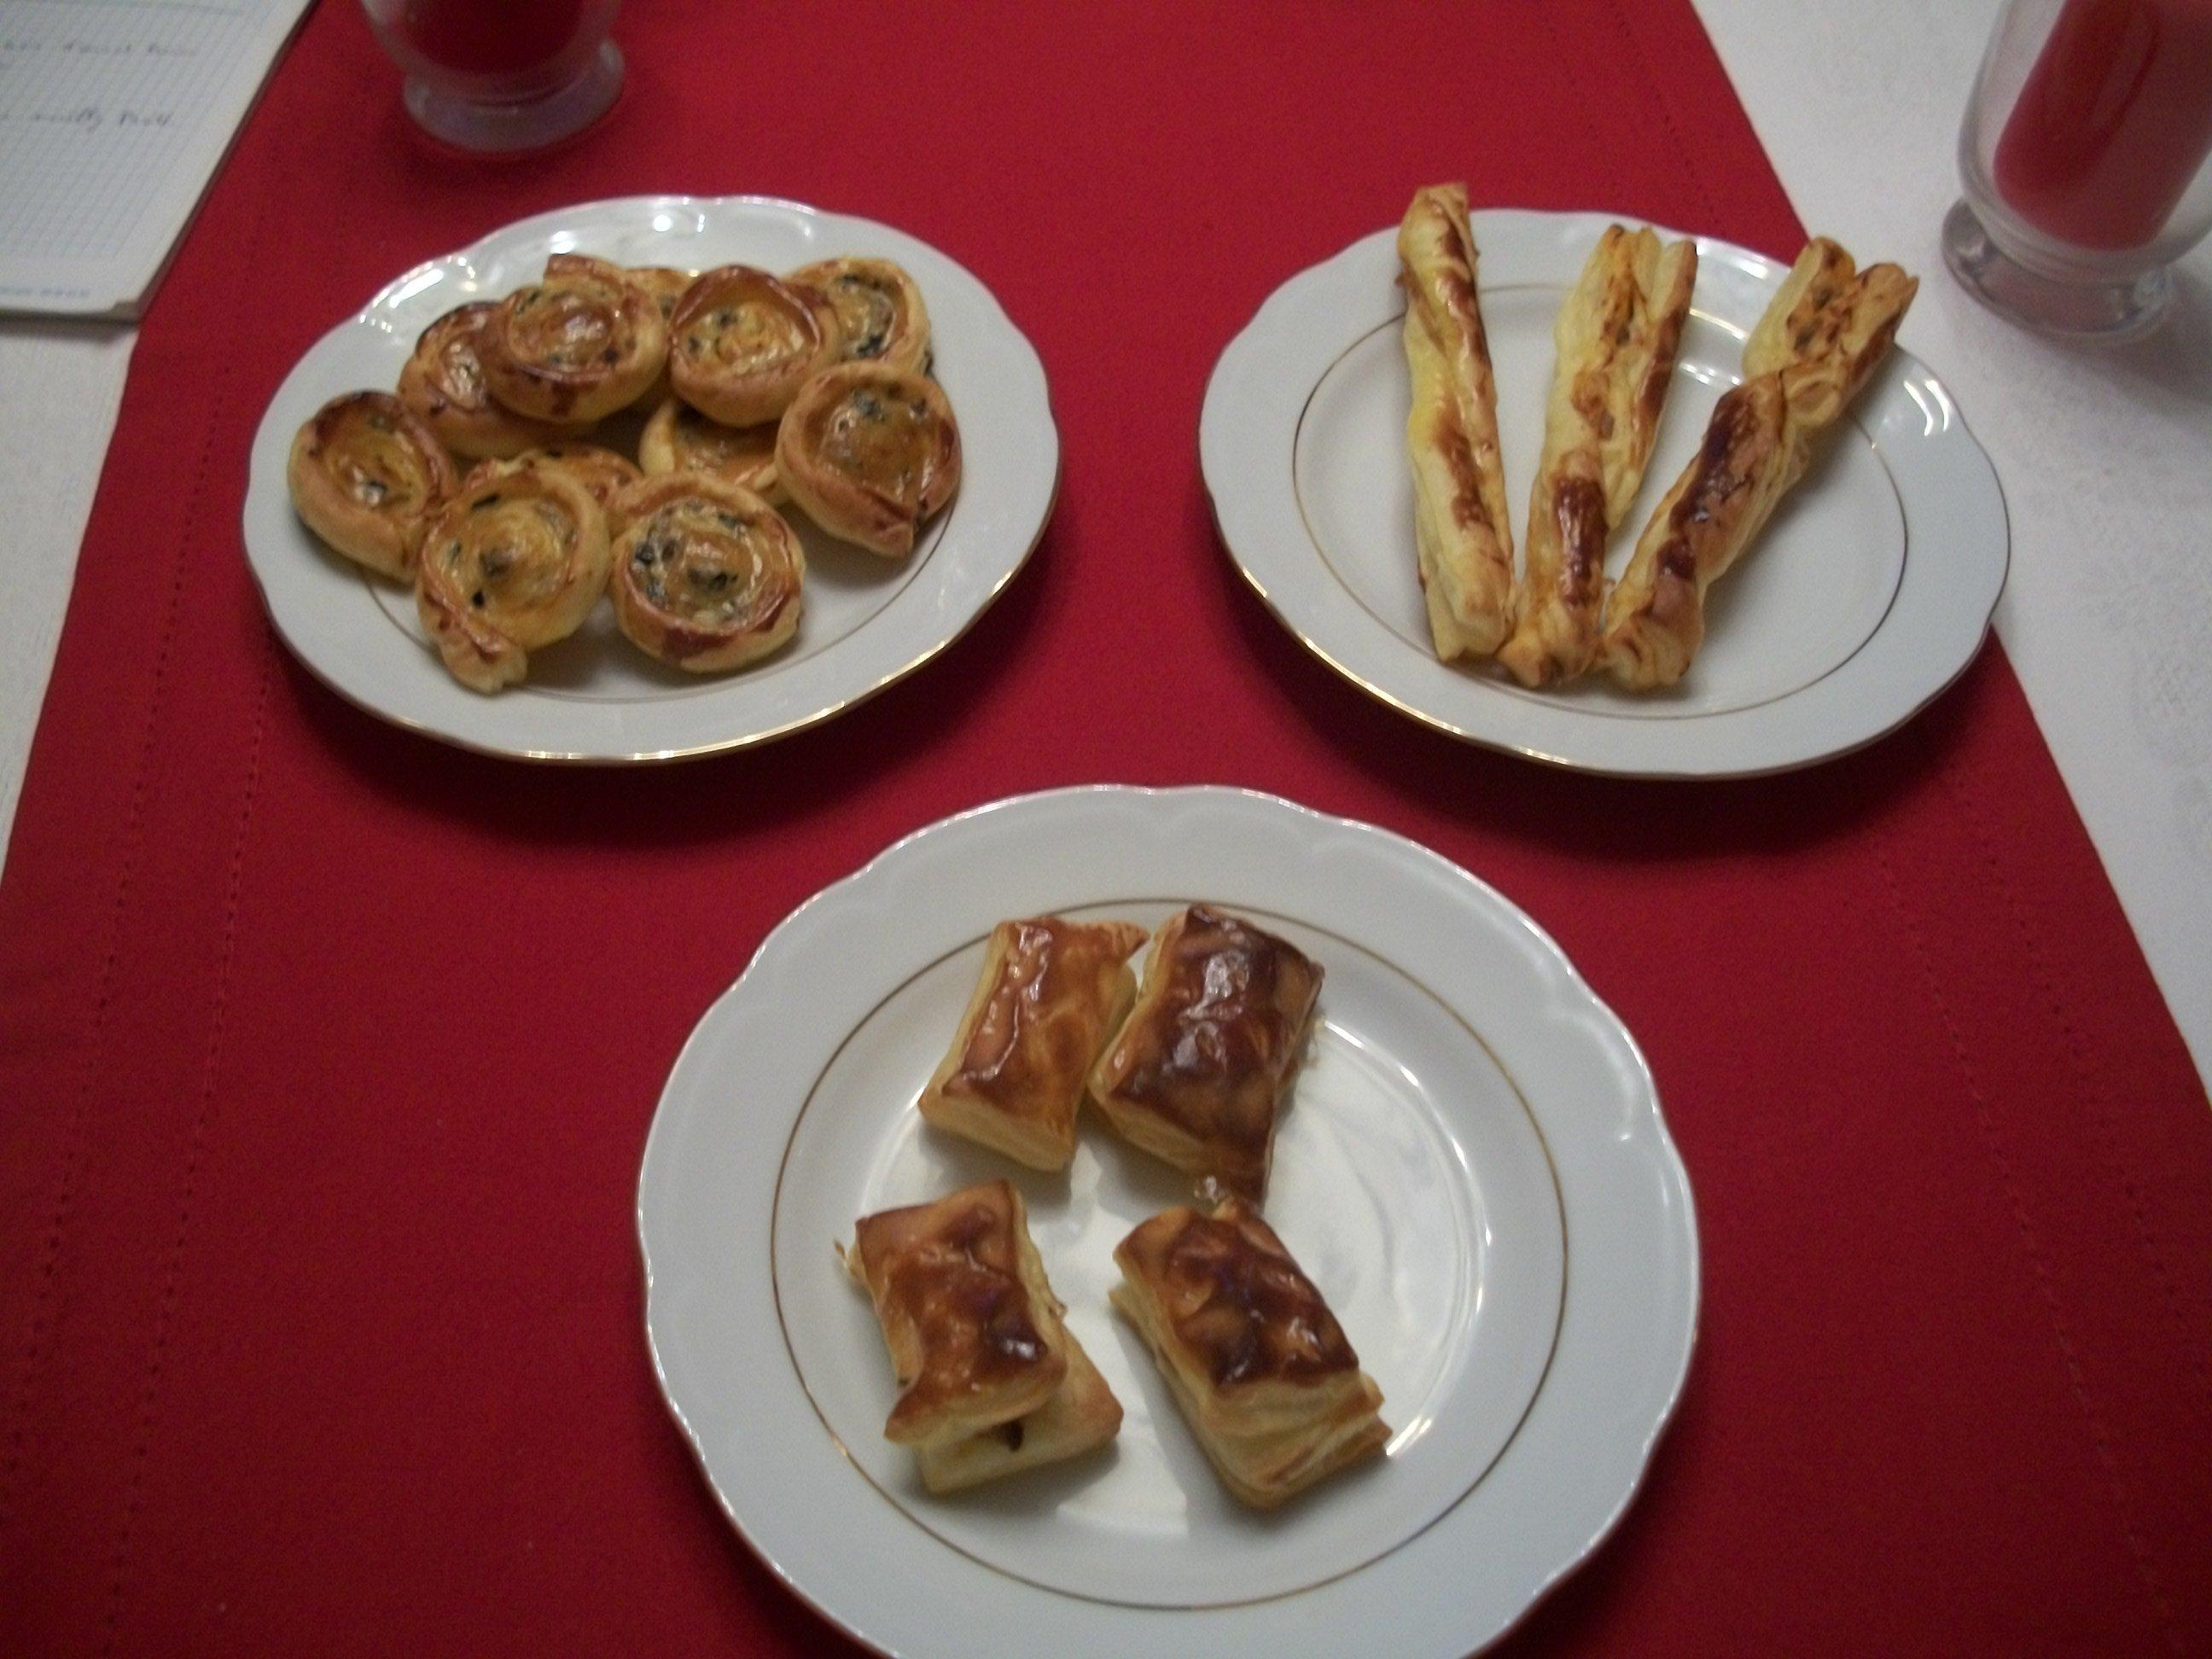 La cuisine de christine petits feuilletes pour l aperitif for La cuisine de christine